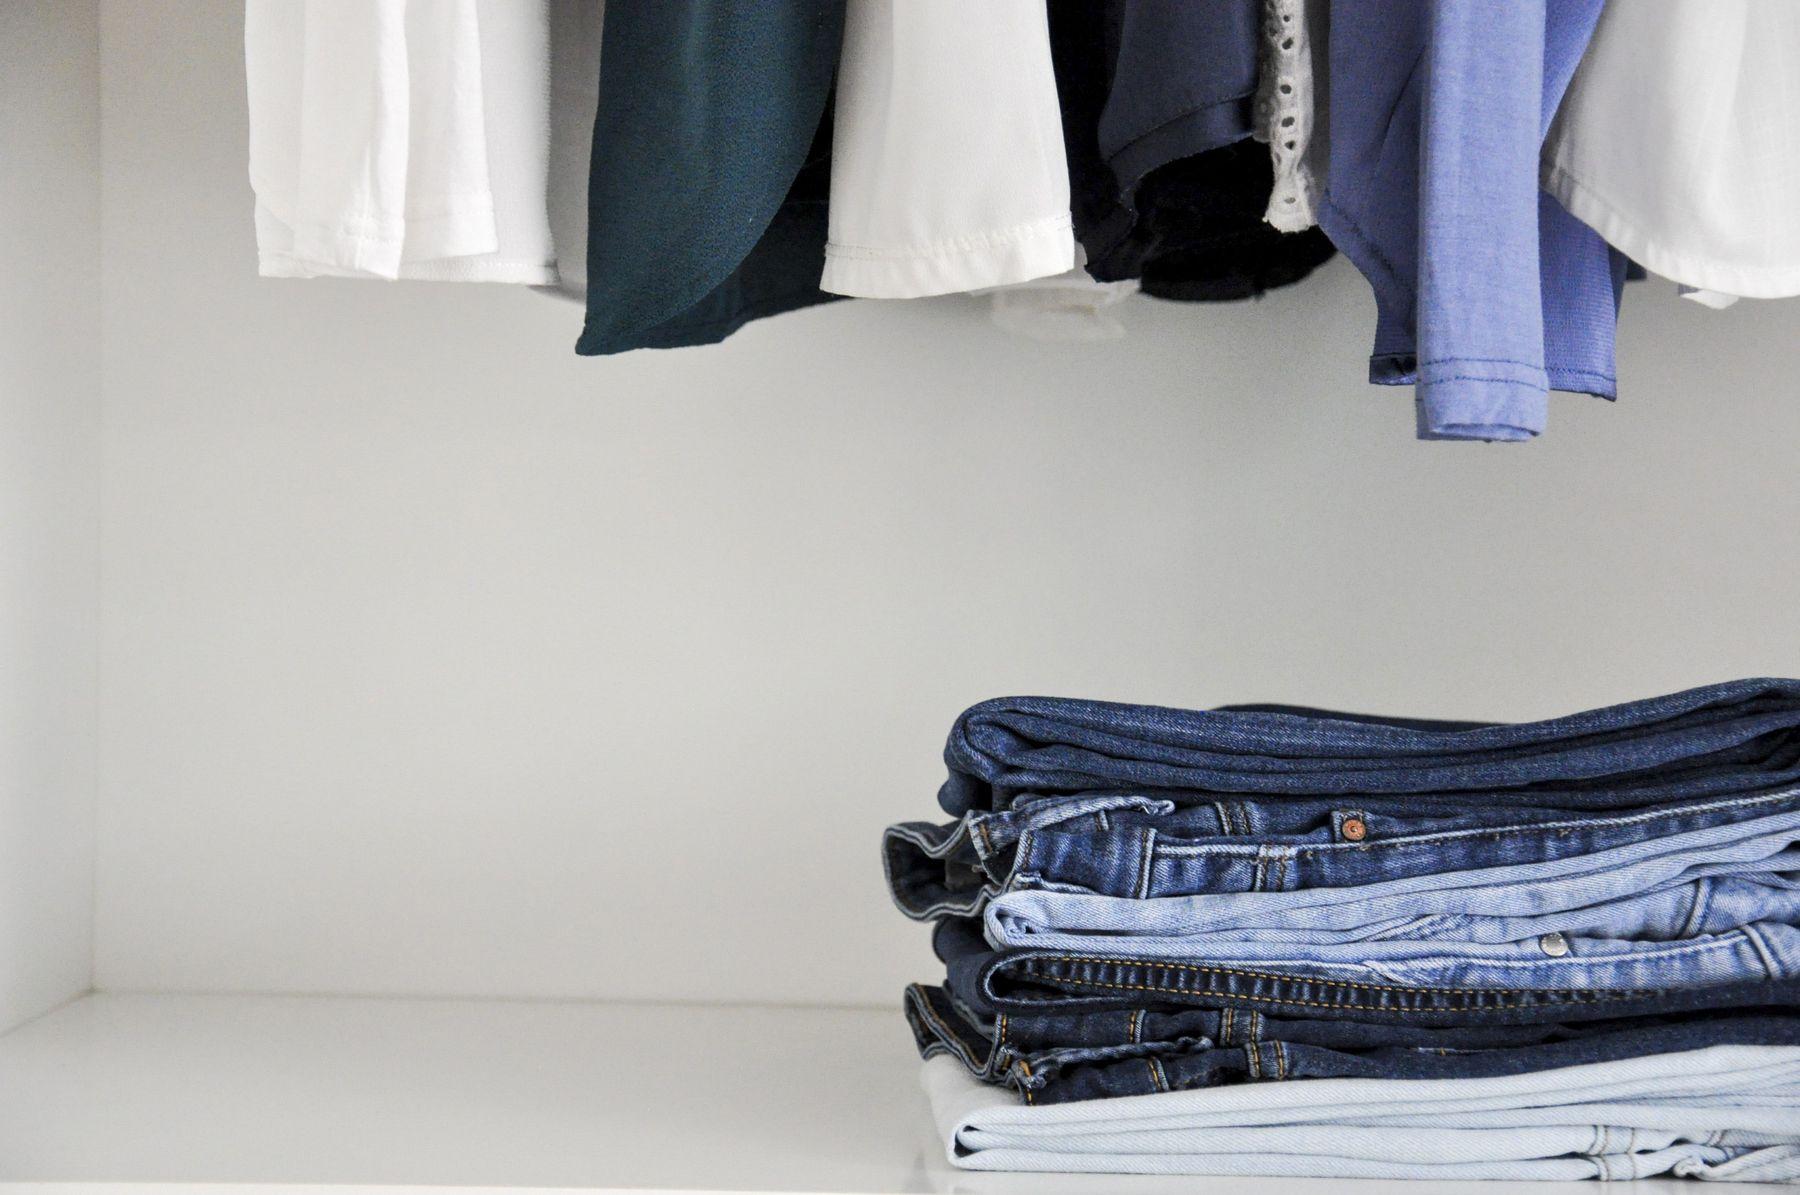 Pilha de calças jeans na prateleira abaixo das camisas penduradas no armário